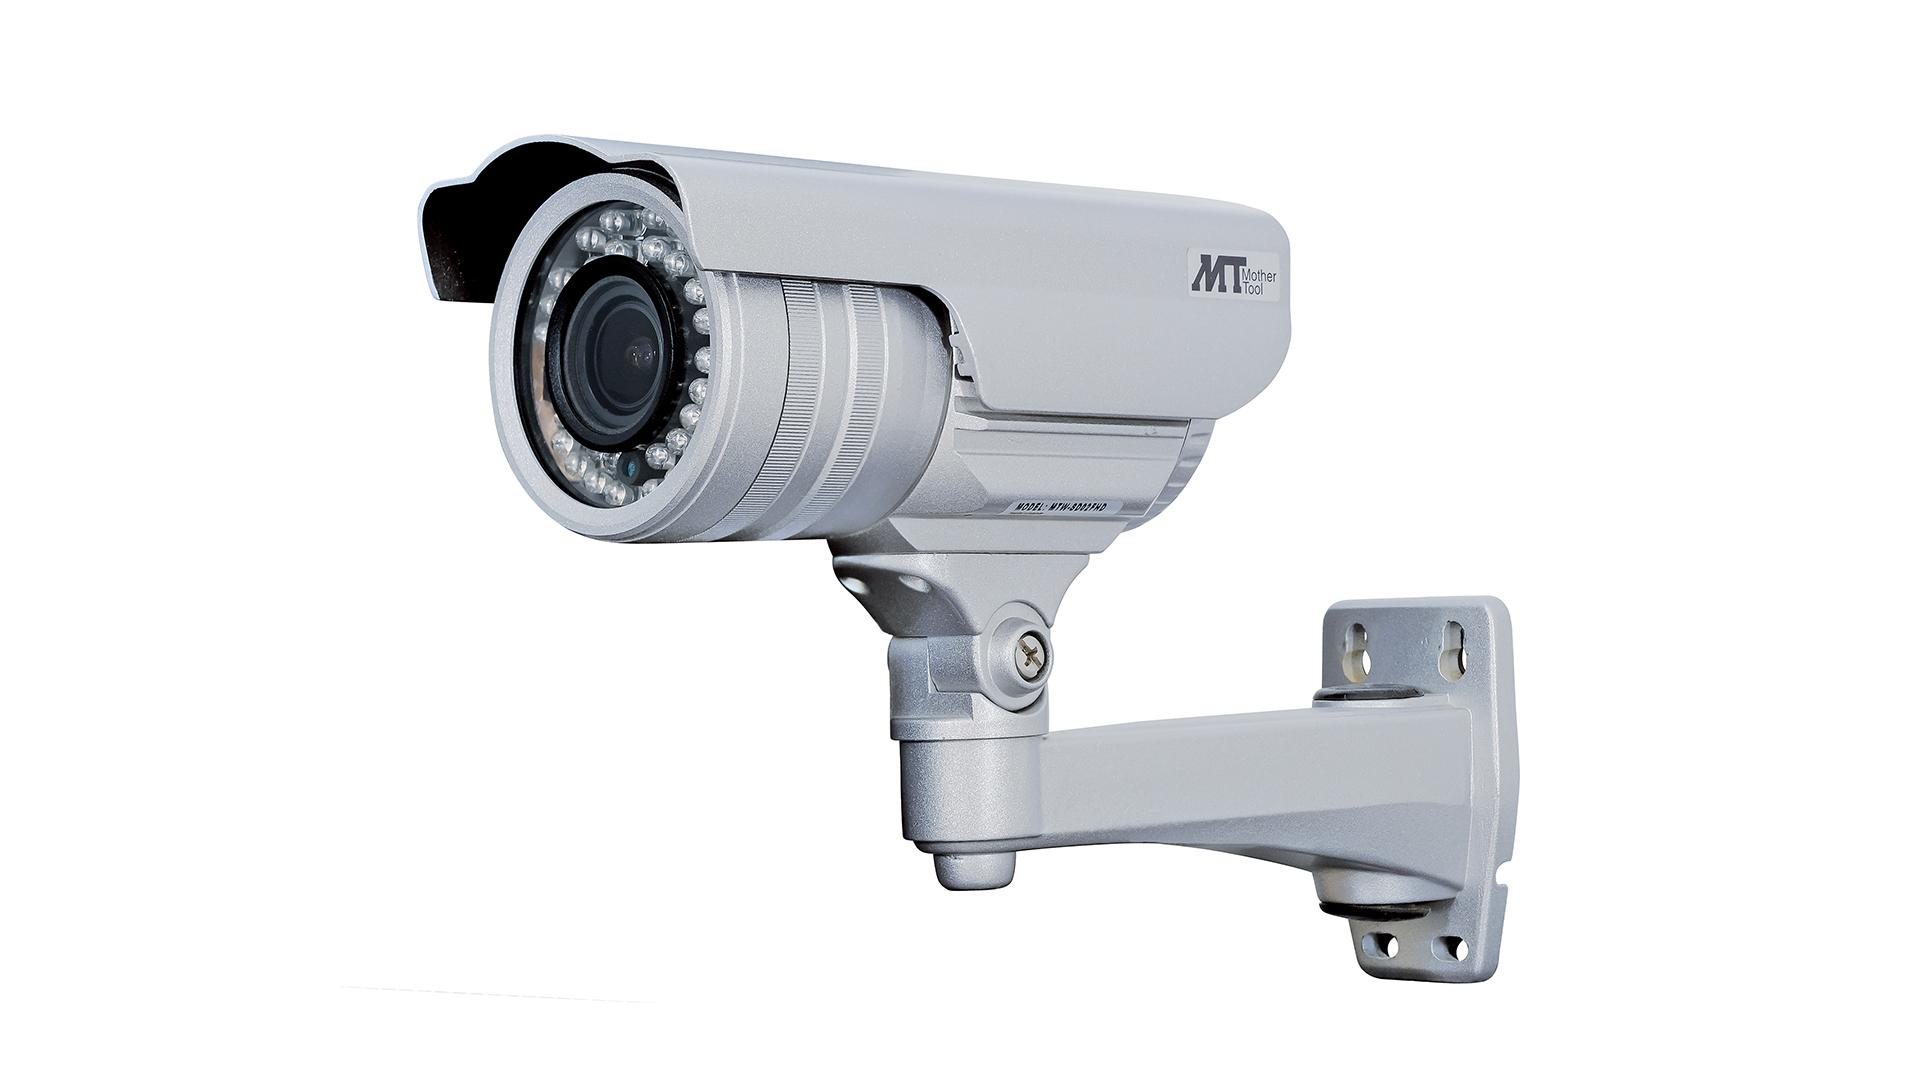 SDカードレコーダー搭載2.1メガピクセル防水バレット型AHDカメラ